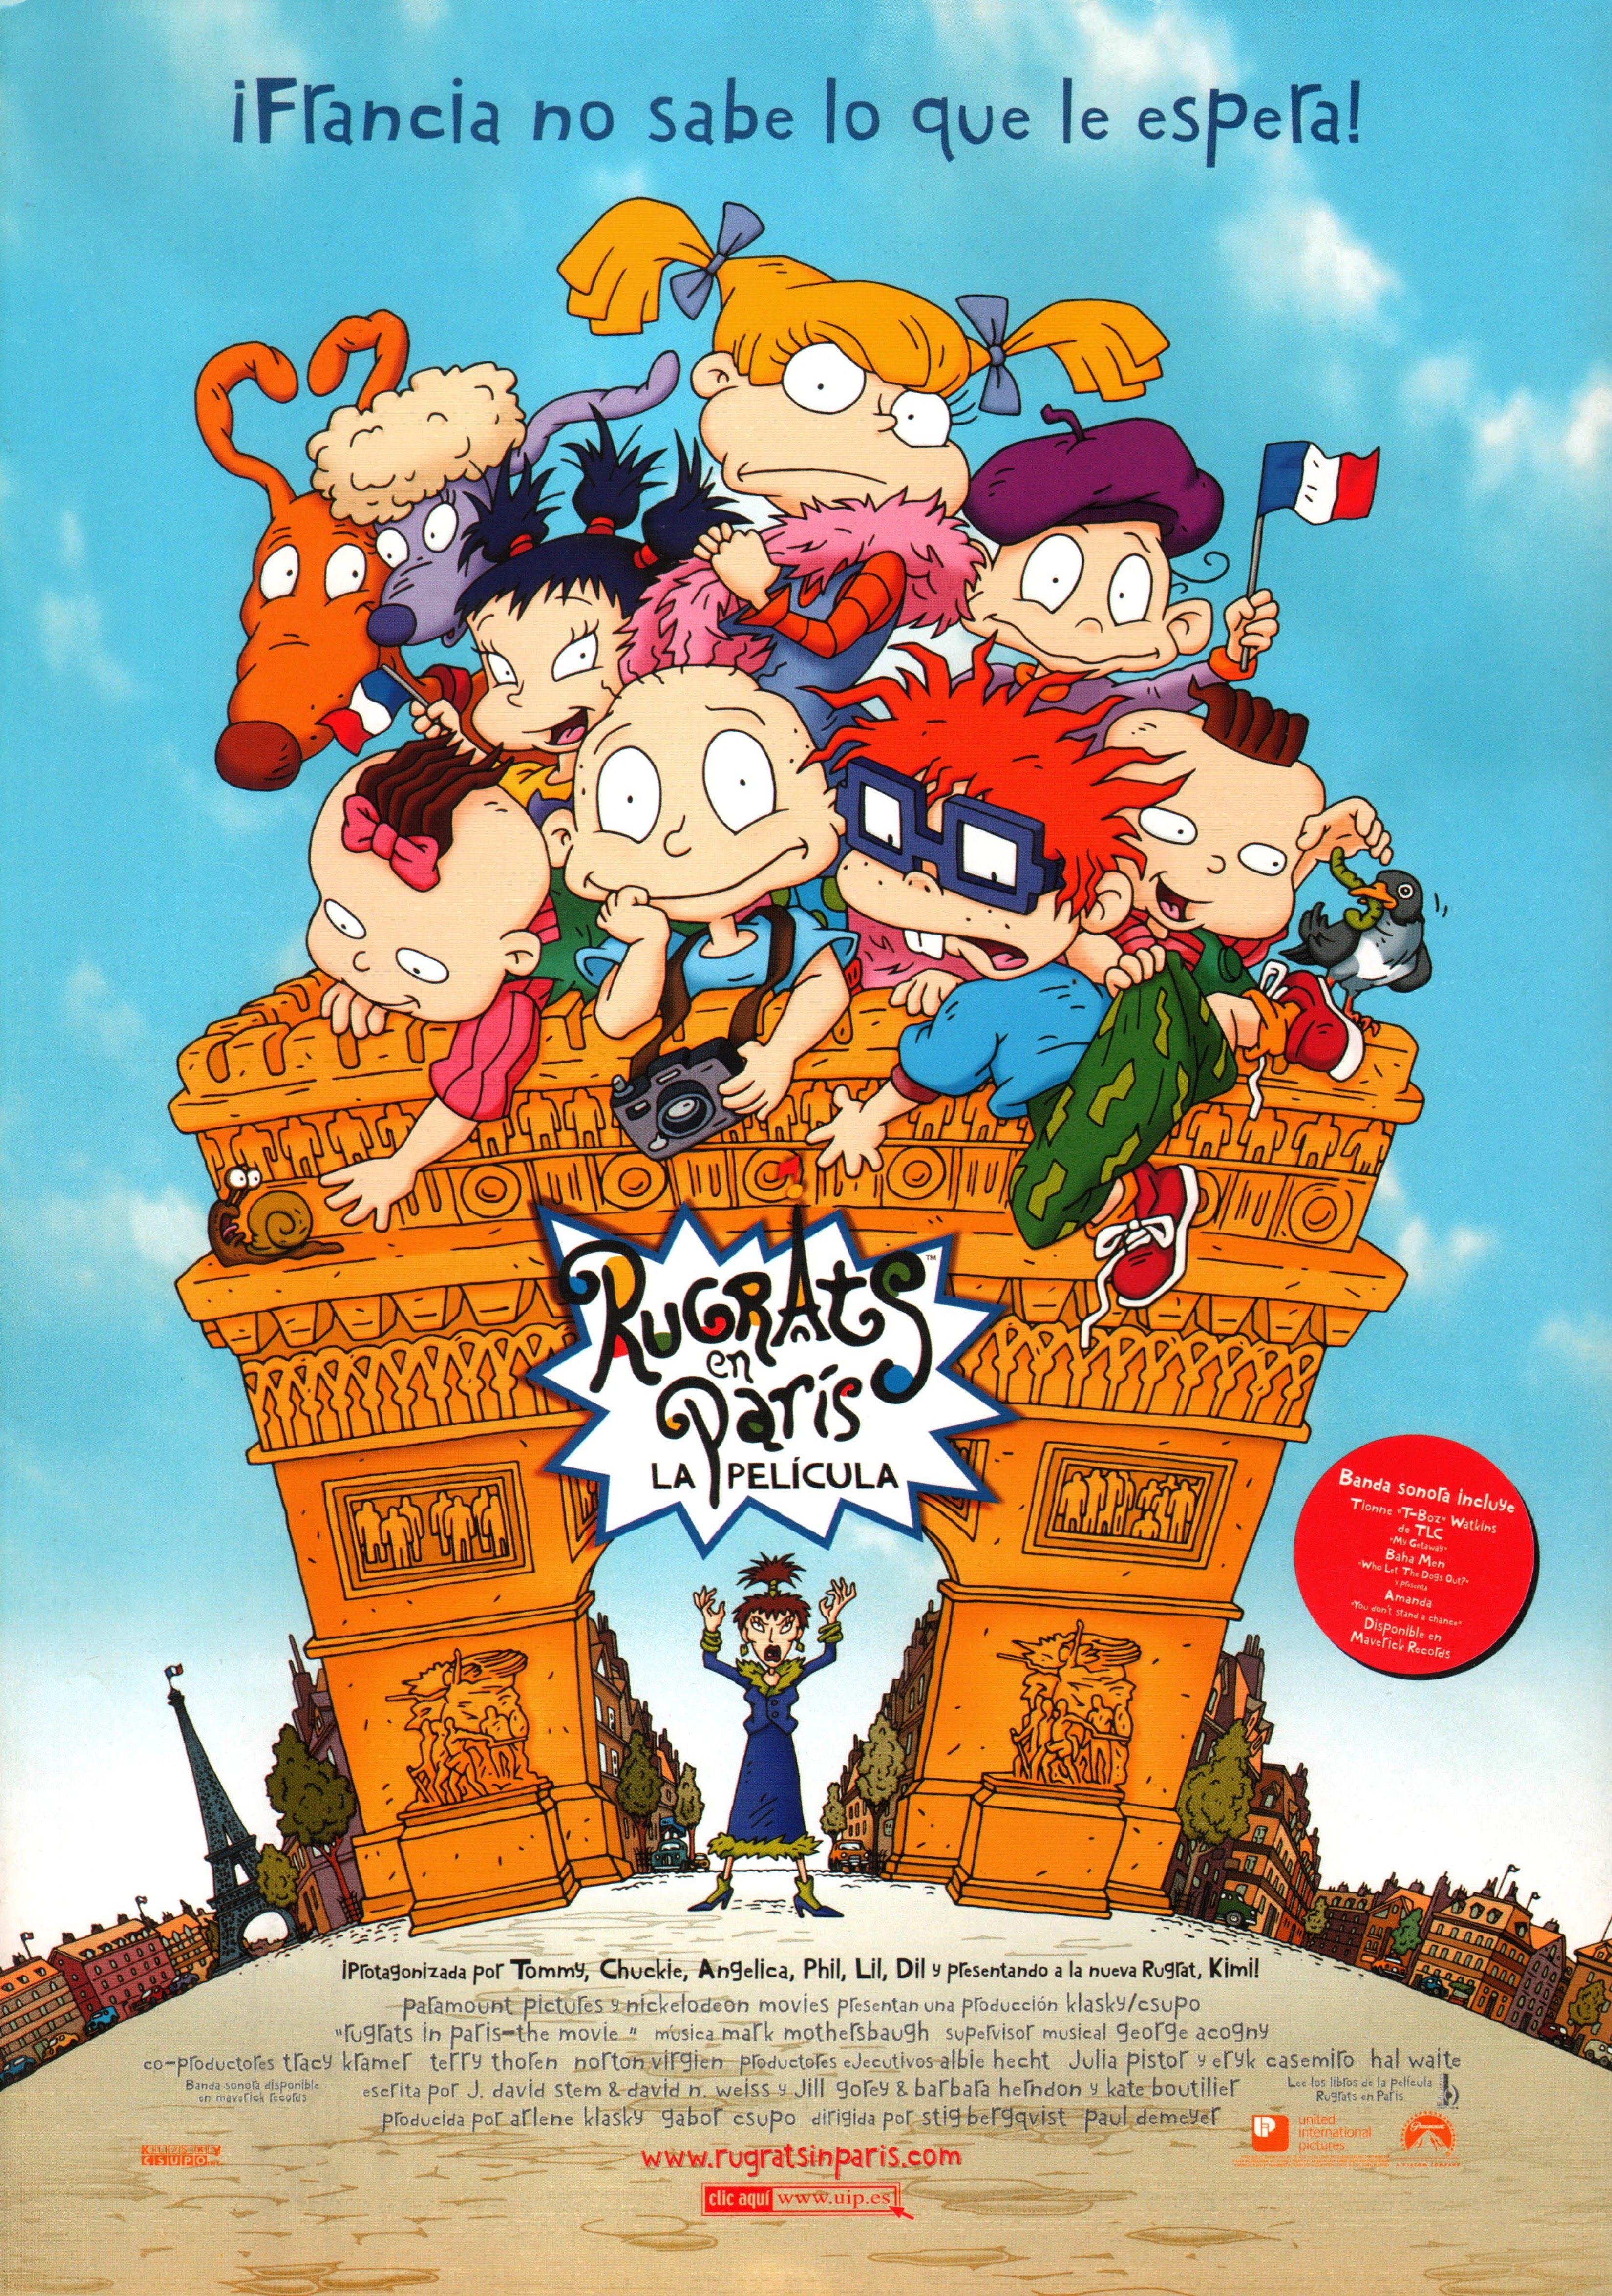 Rugrats en París la película Rugrats, Imágenes para